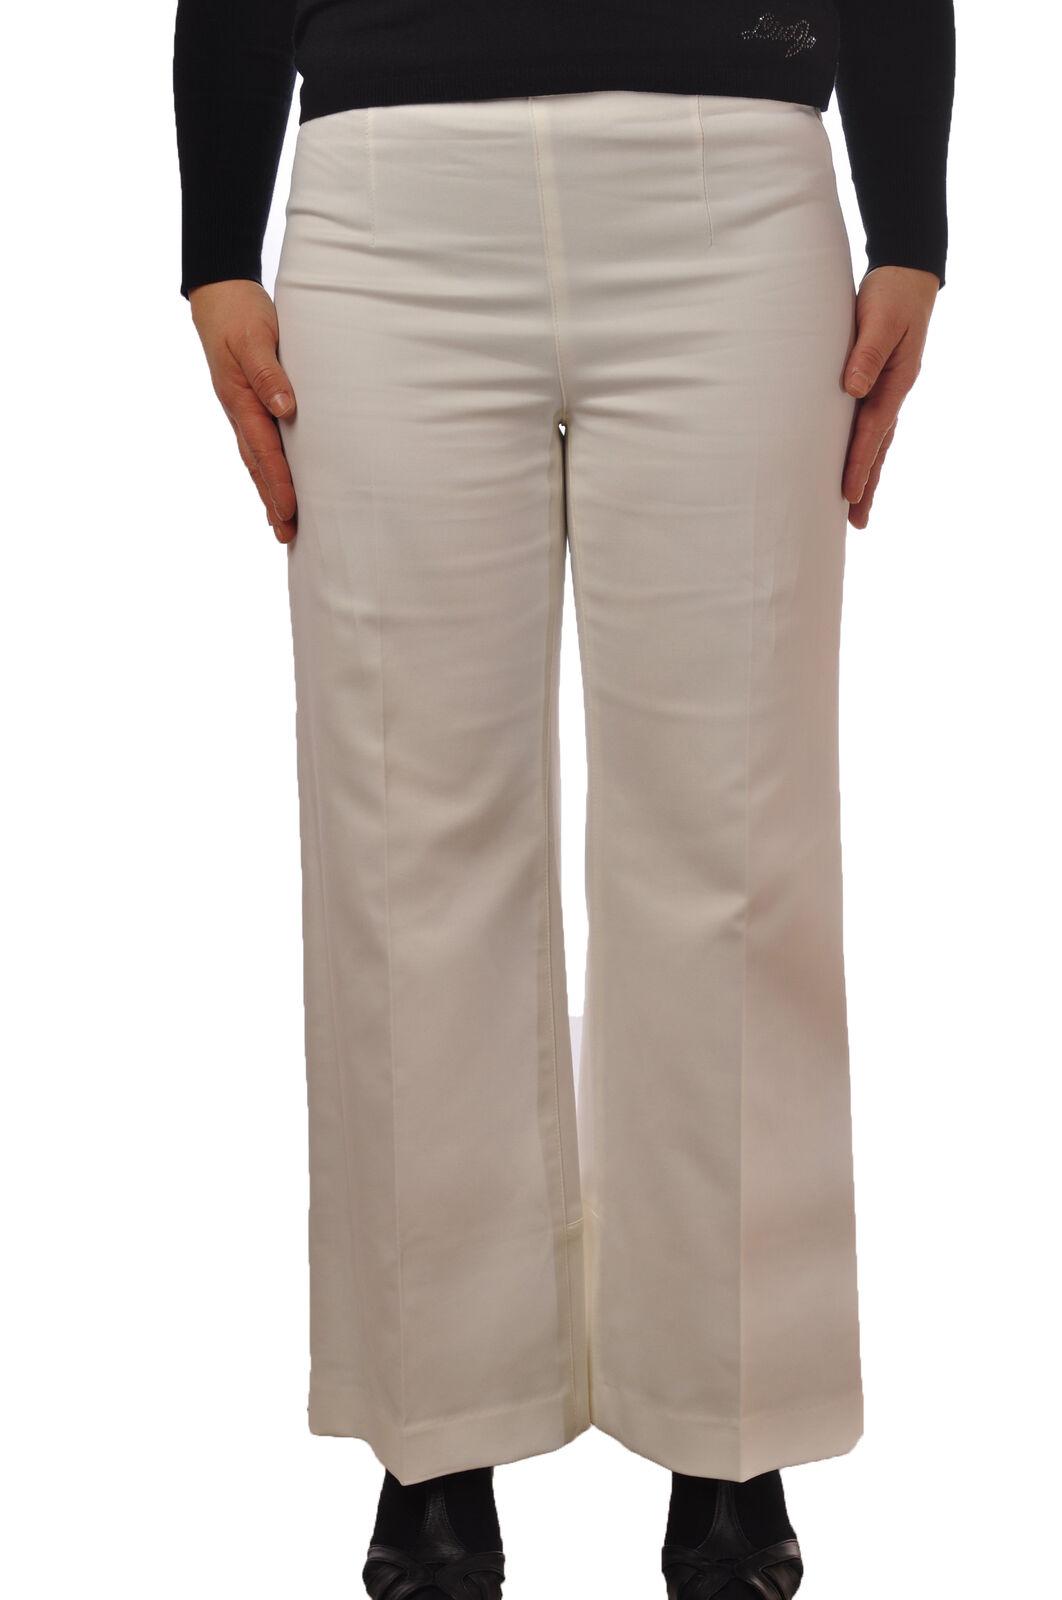 Patrizia Pepe - Pants-Pants - Woman - White - 4827229C184236